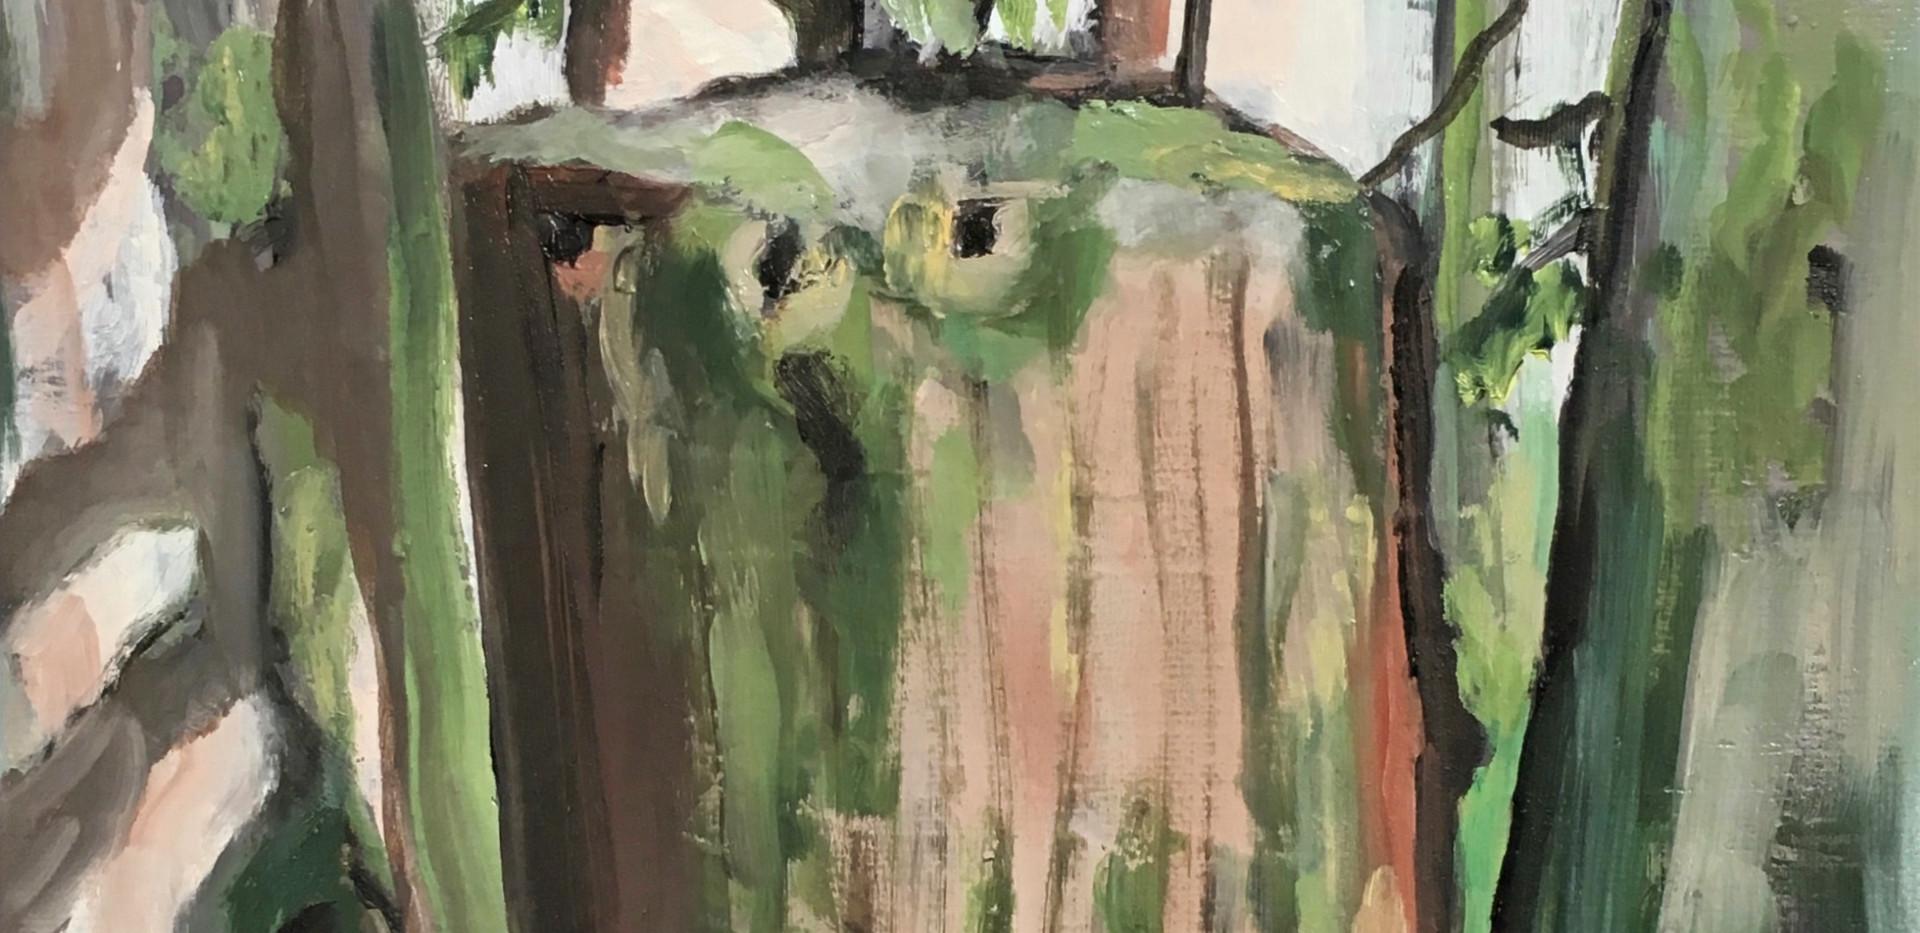 Siletz Old Growth Stump II